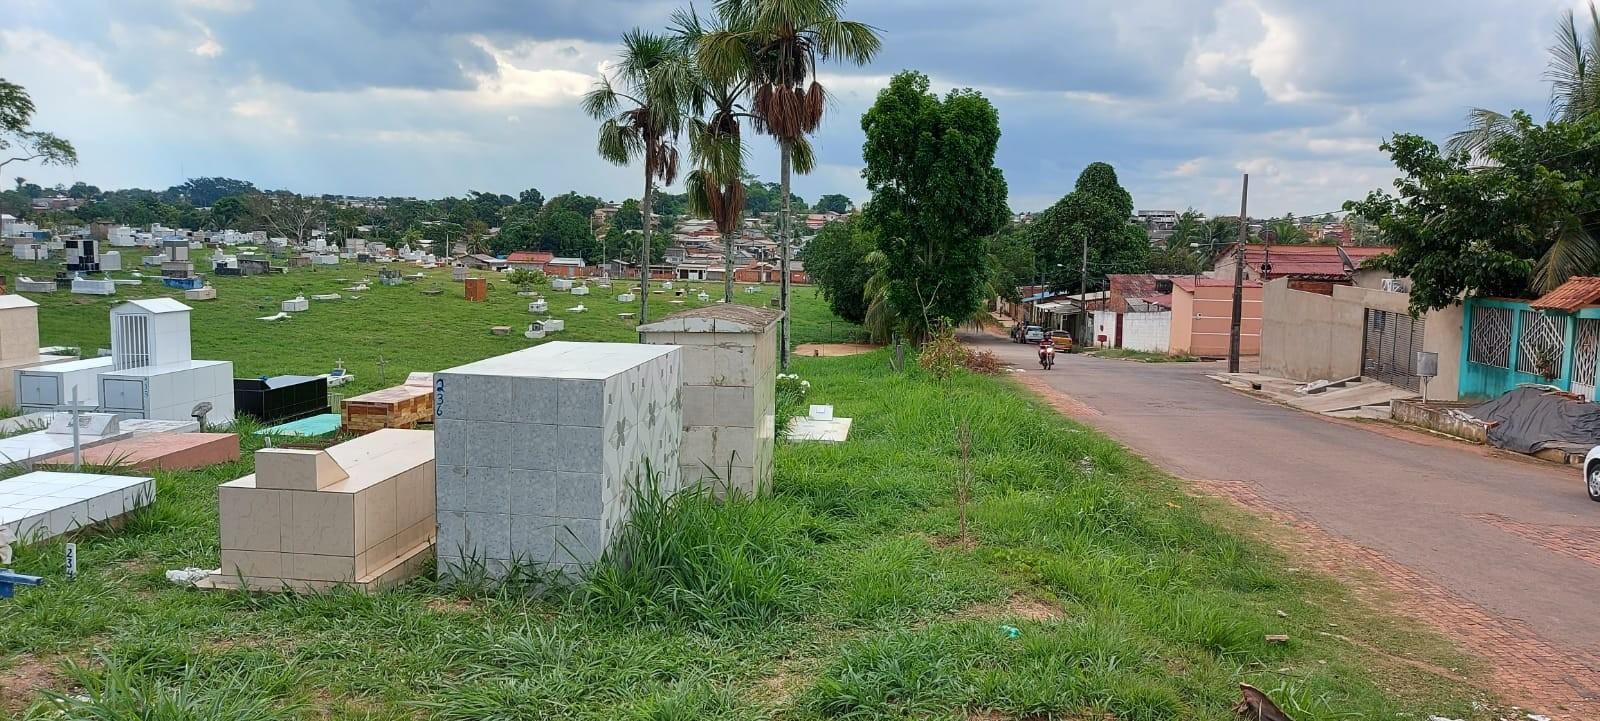 A duas semanas do Dia de Finados, cemitérios públicos de Rio Branco têm mato alto e muros quebrados